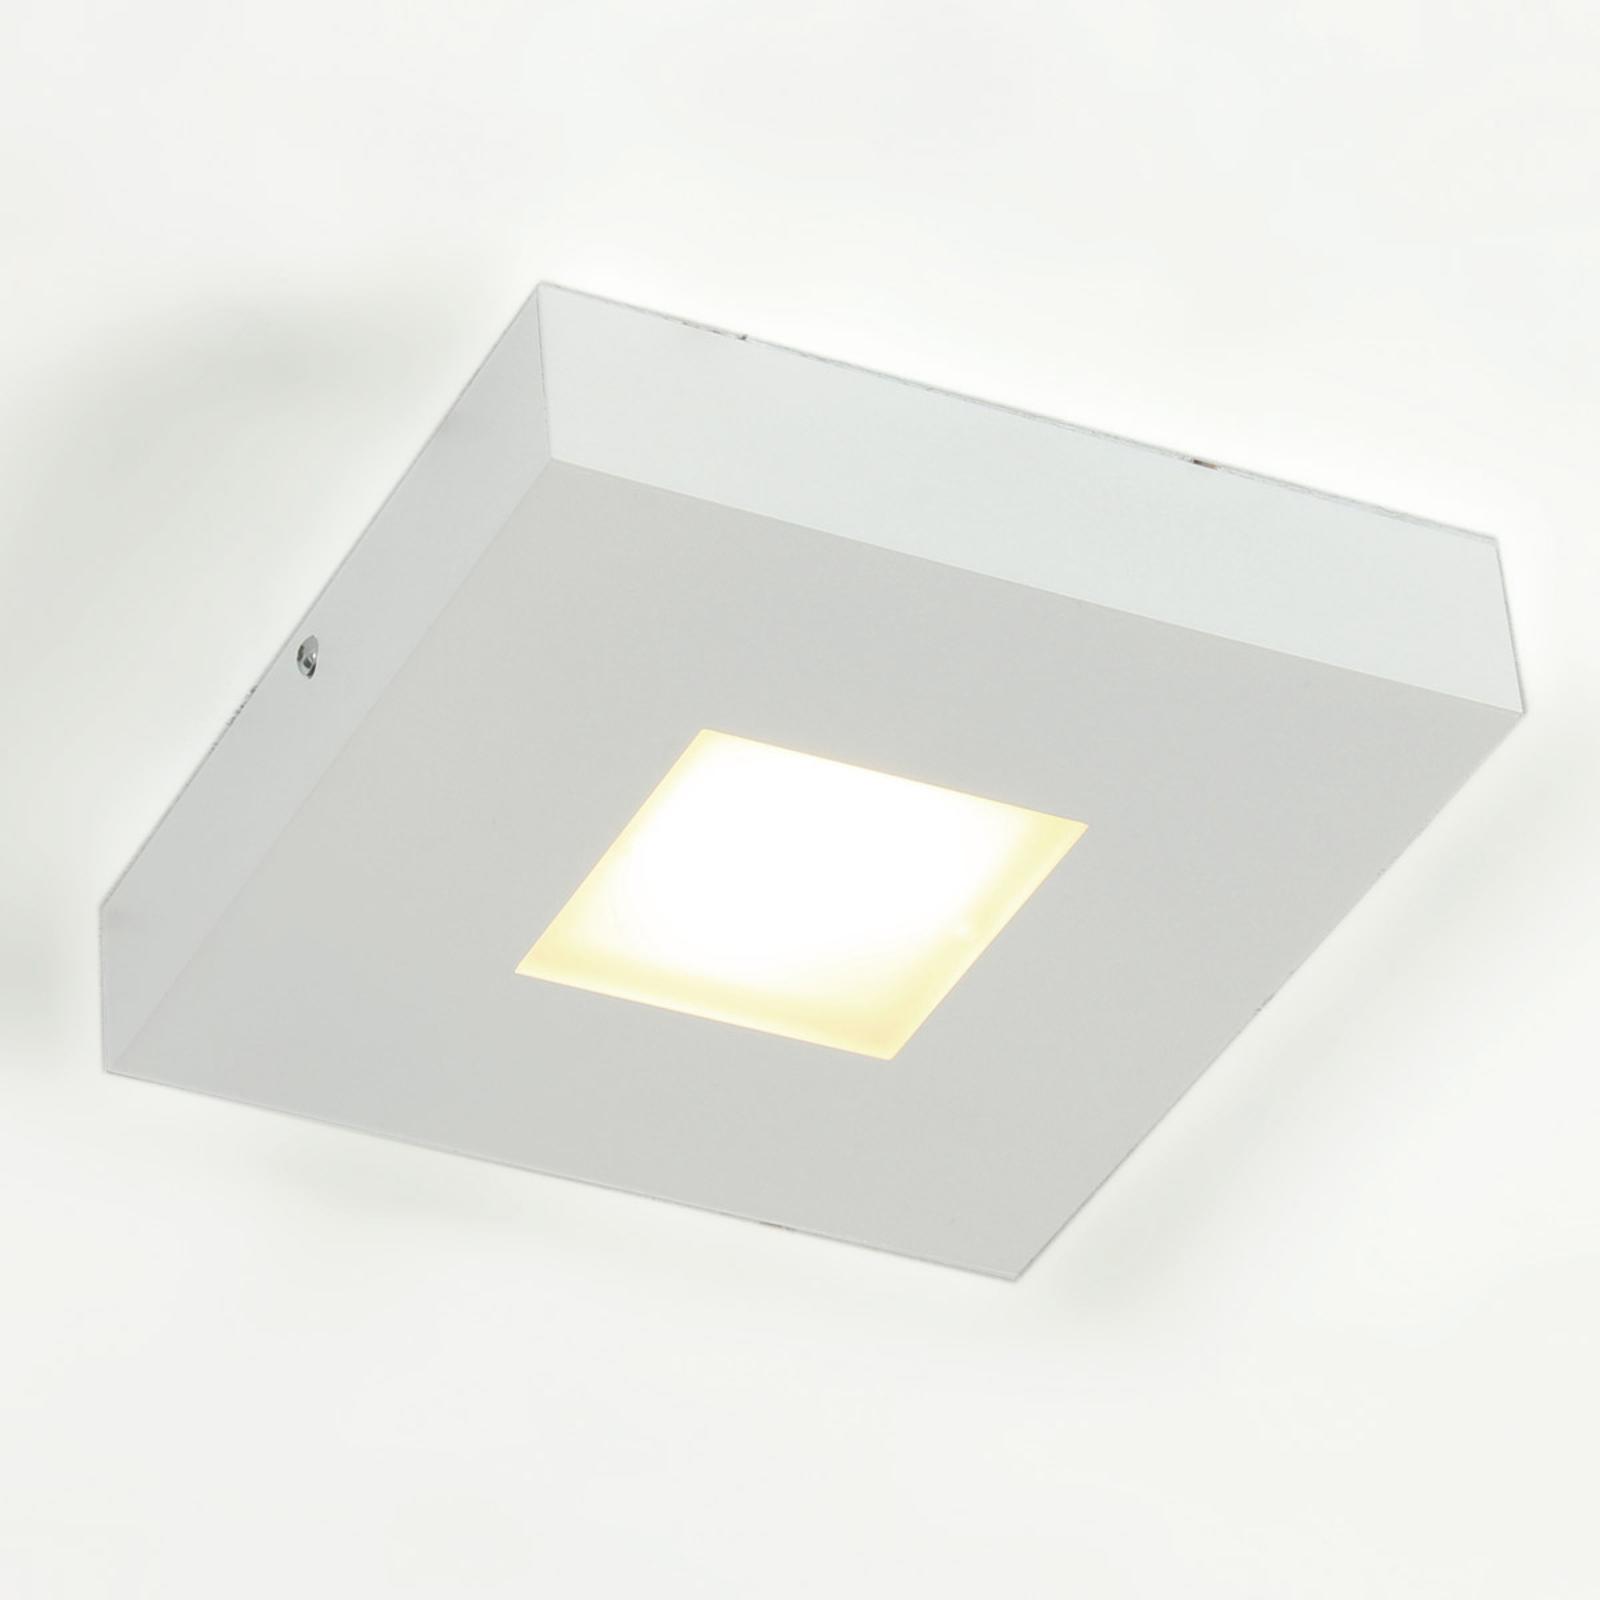 Plafonnier LED Cubus haut de gamme, blanc